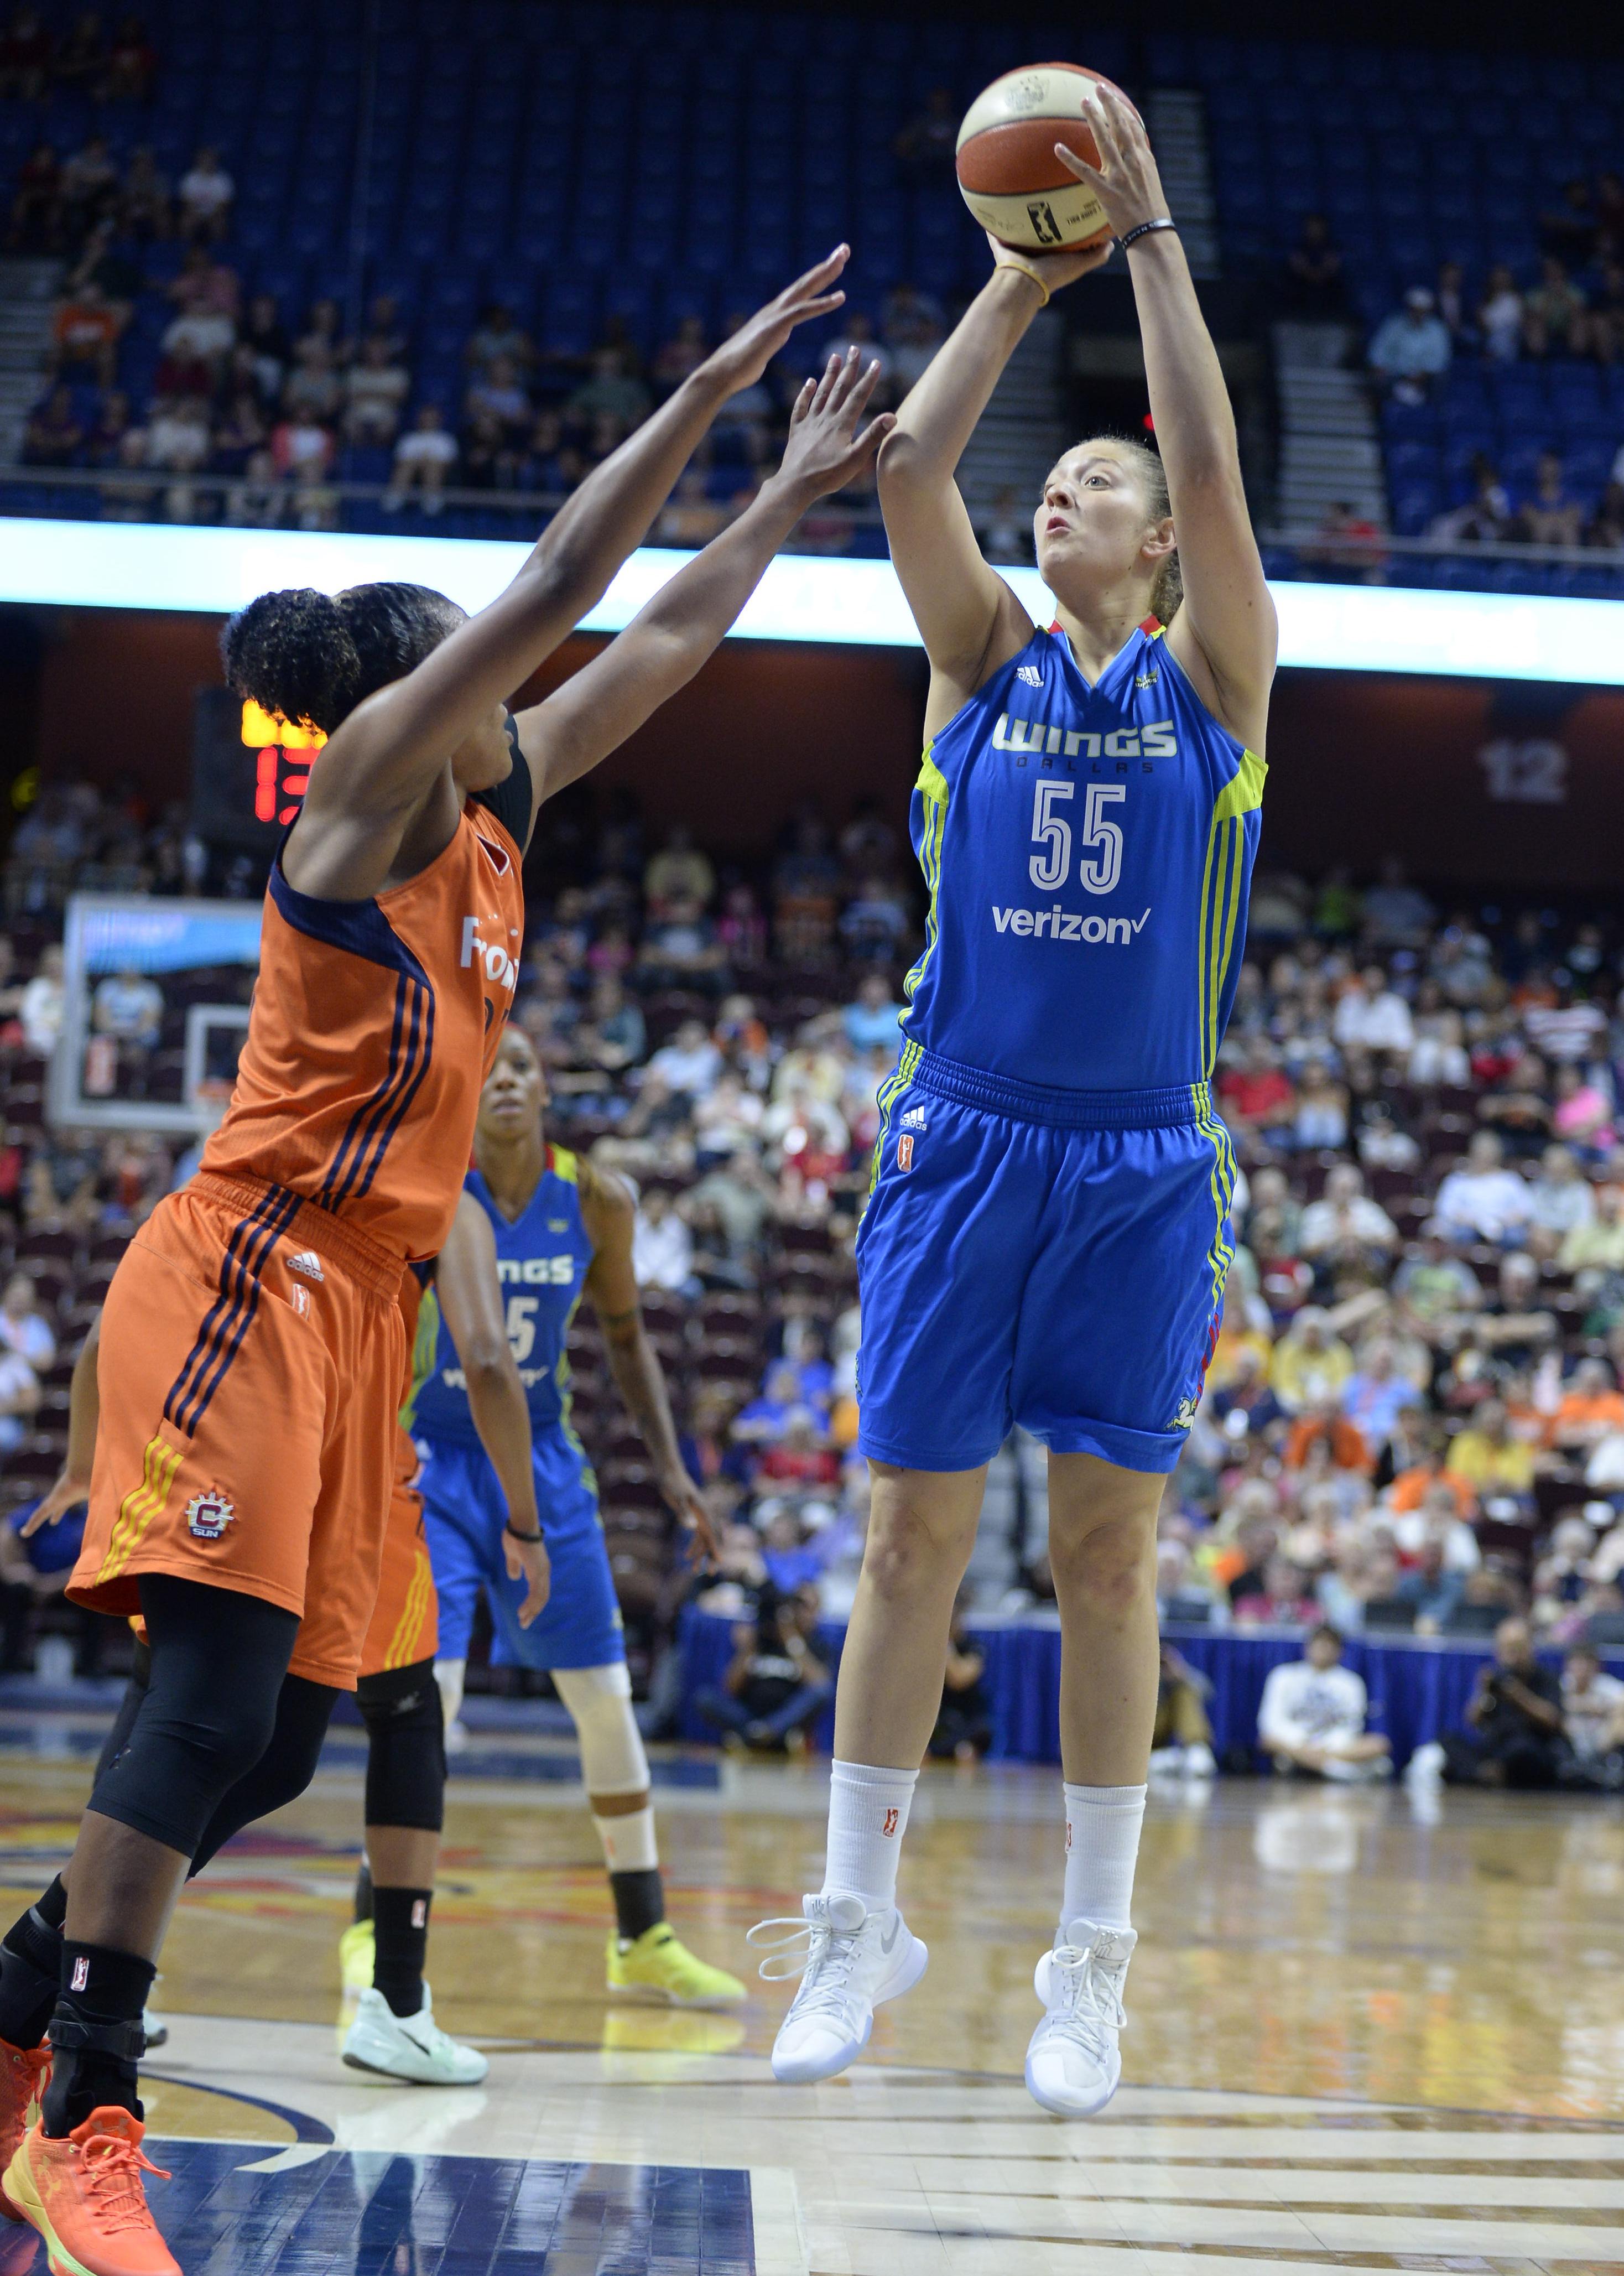 WNBA: AUG 12 Dallas Wings at Connecticut Sun